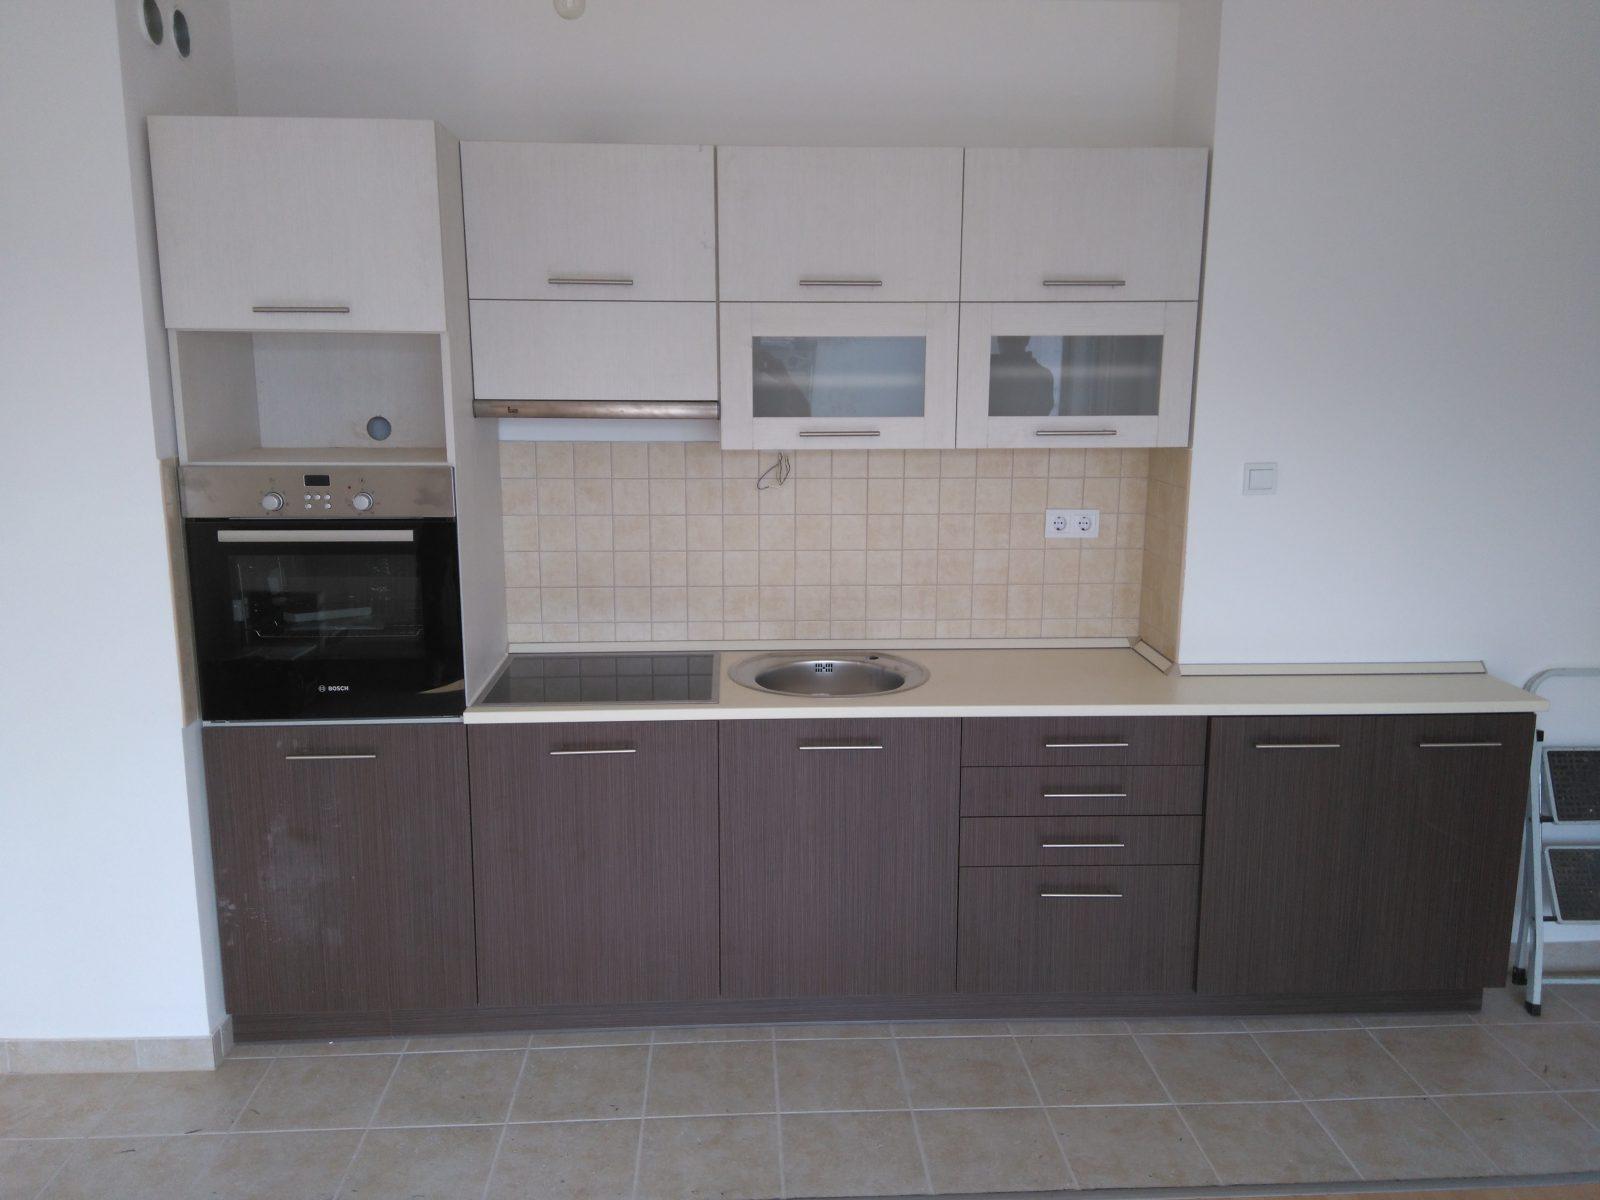 egyedi konyhabútor készítés XIII. kerület területén